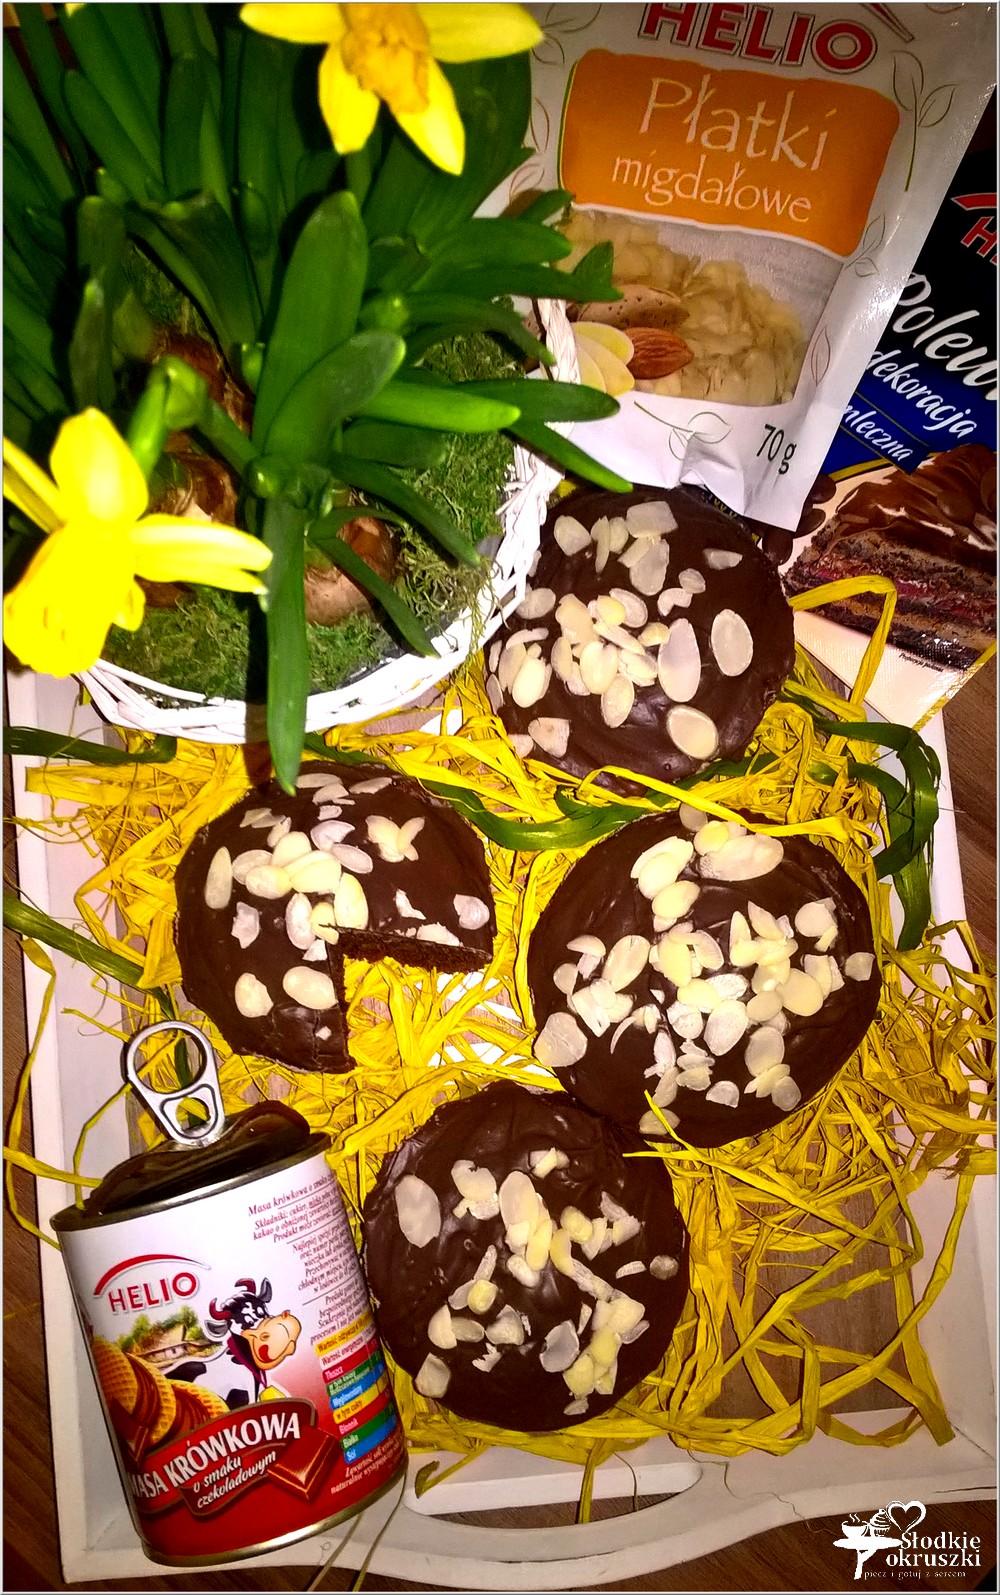 Mini babki z czekoladową krówką (1)